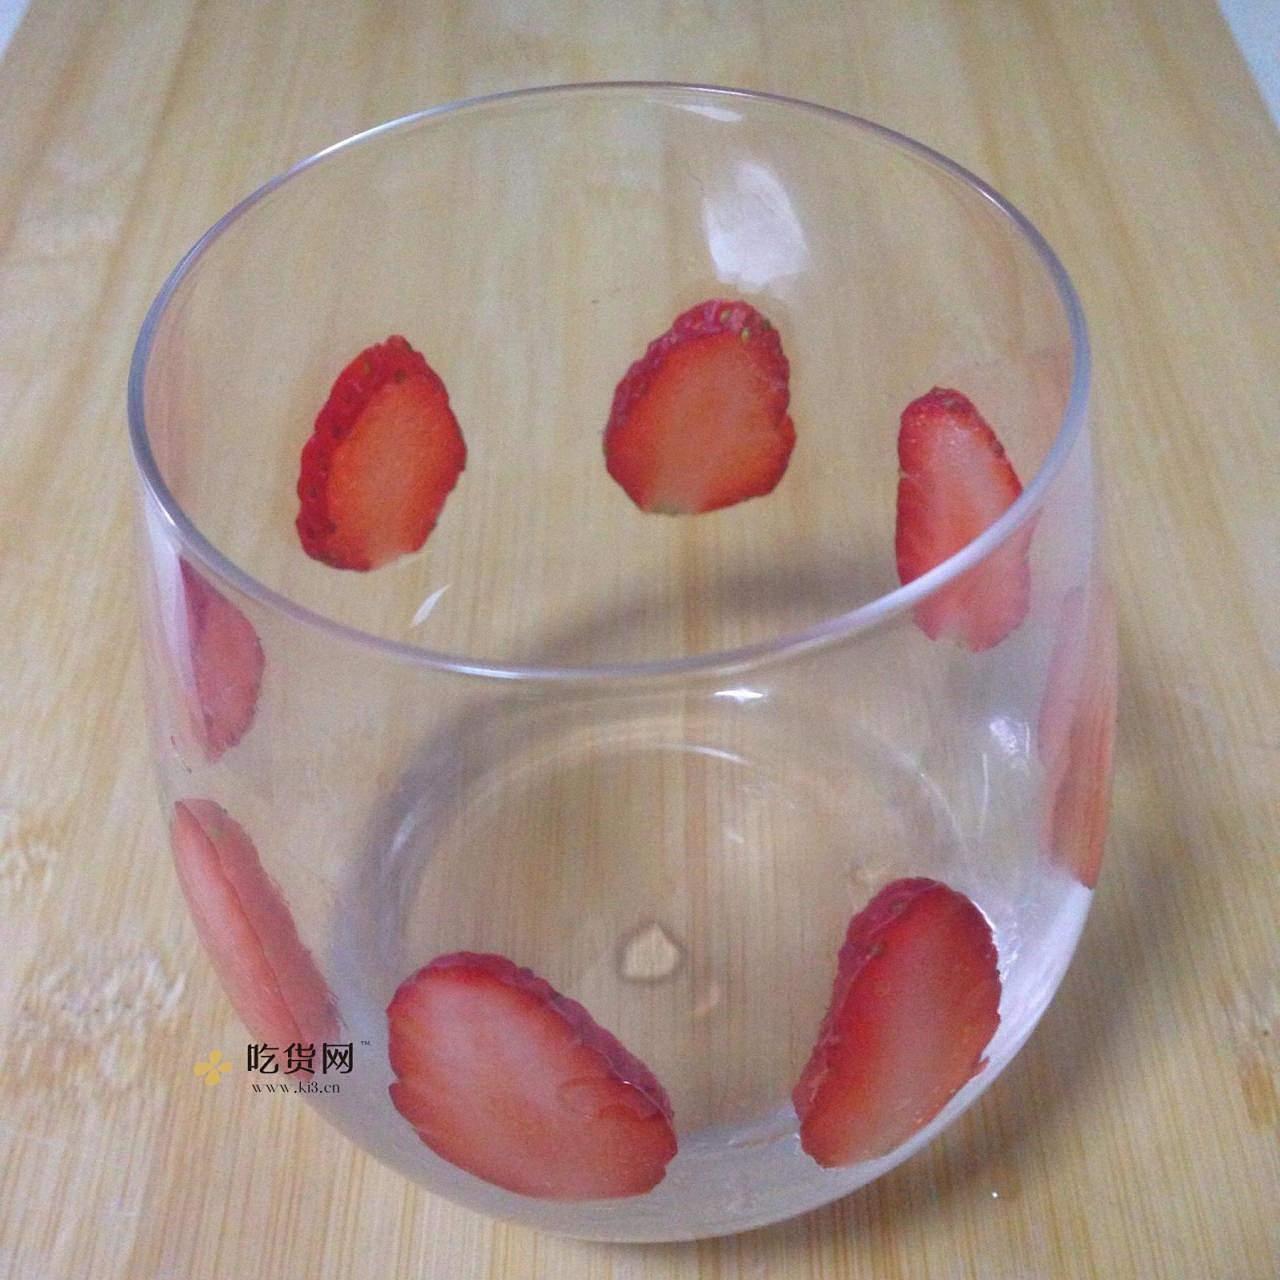 杯壁水果酸奶的做法 步骤3